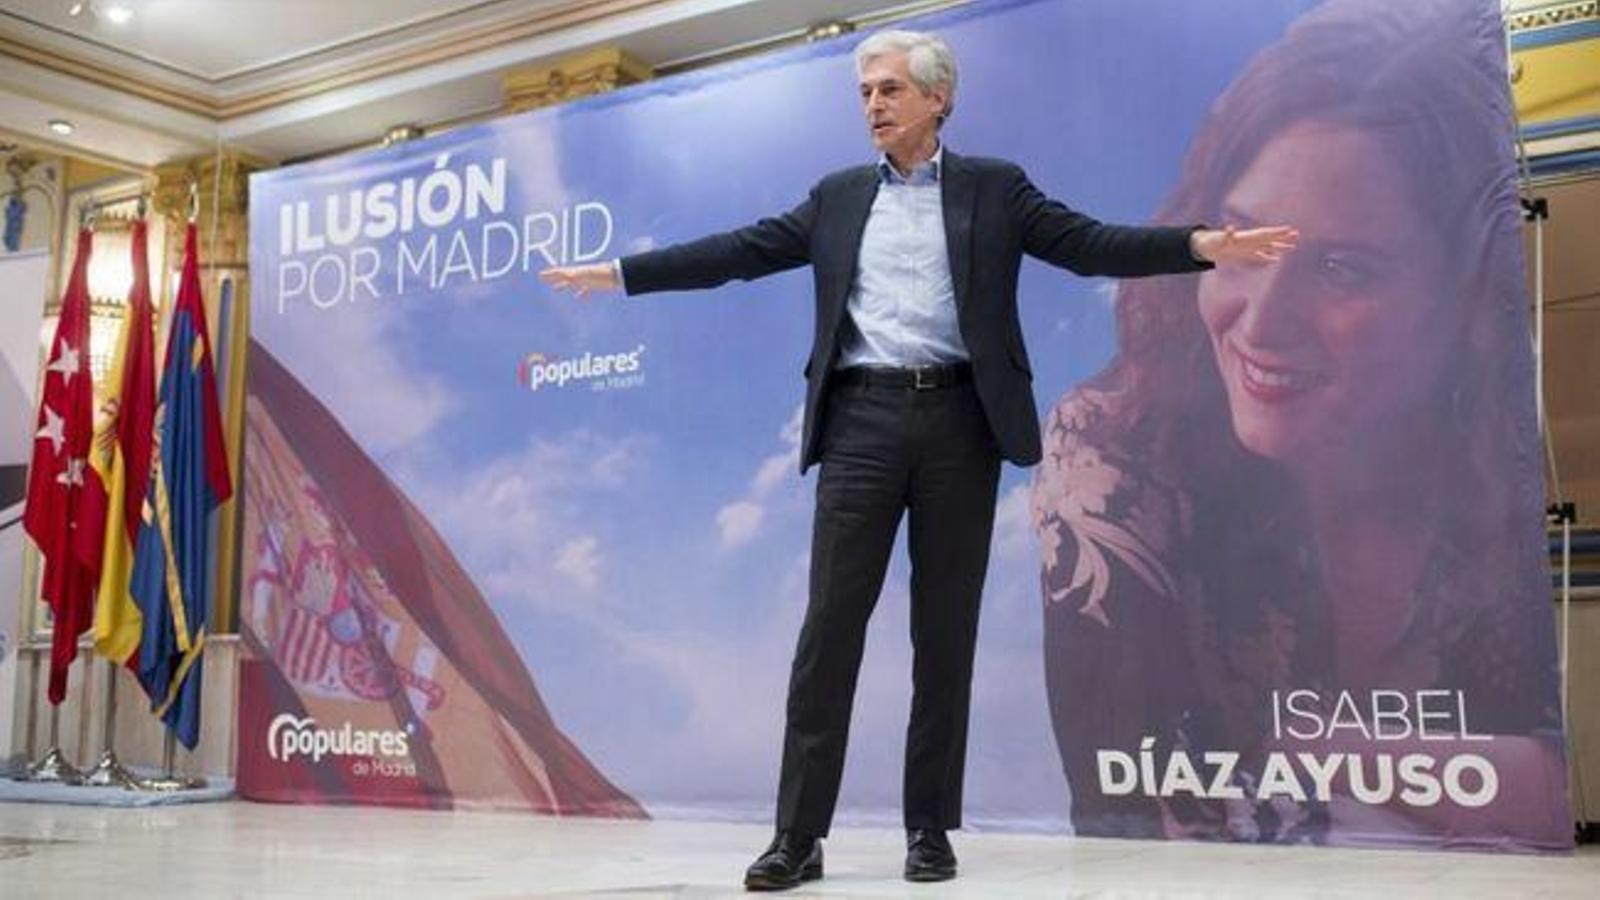 El número dos del PP per Madrid a les eleccions generals, Adolfo Suárez Illana. / PP Madrid.